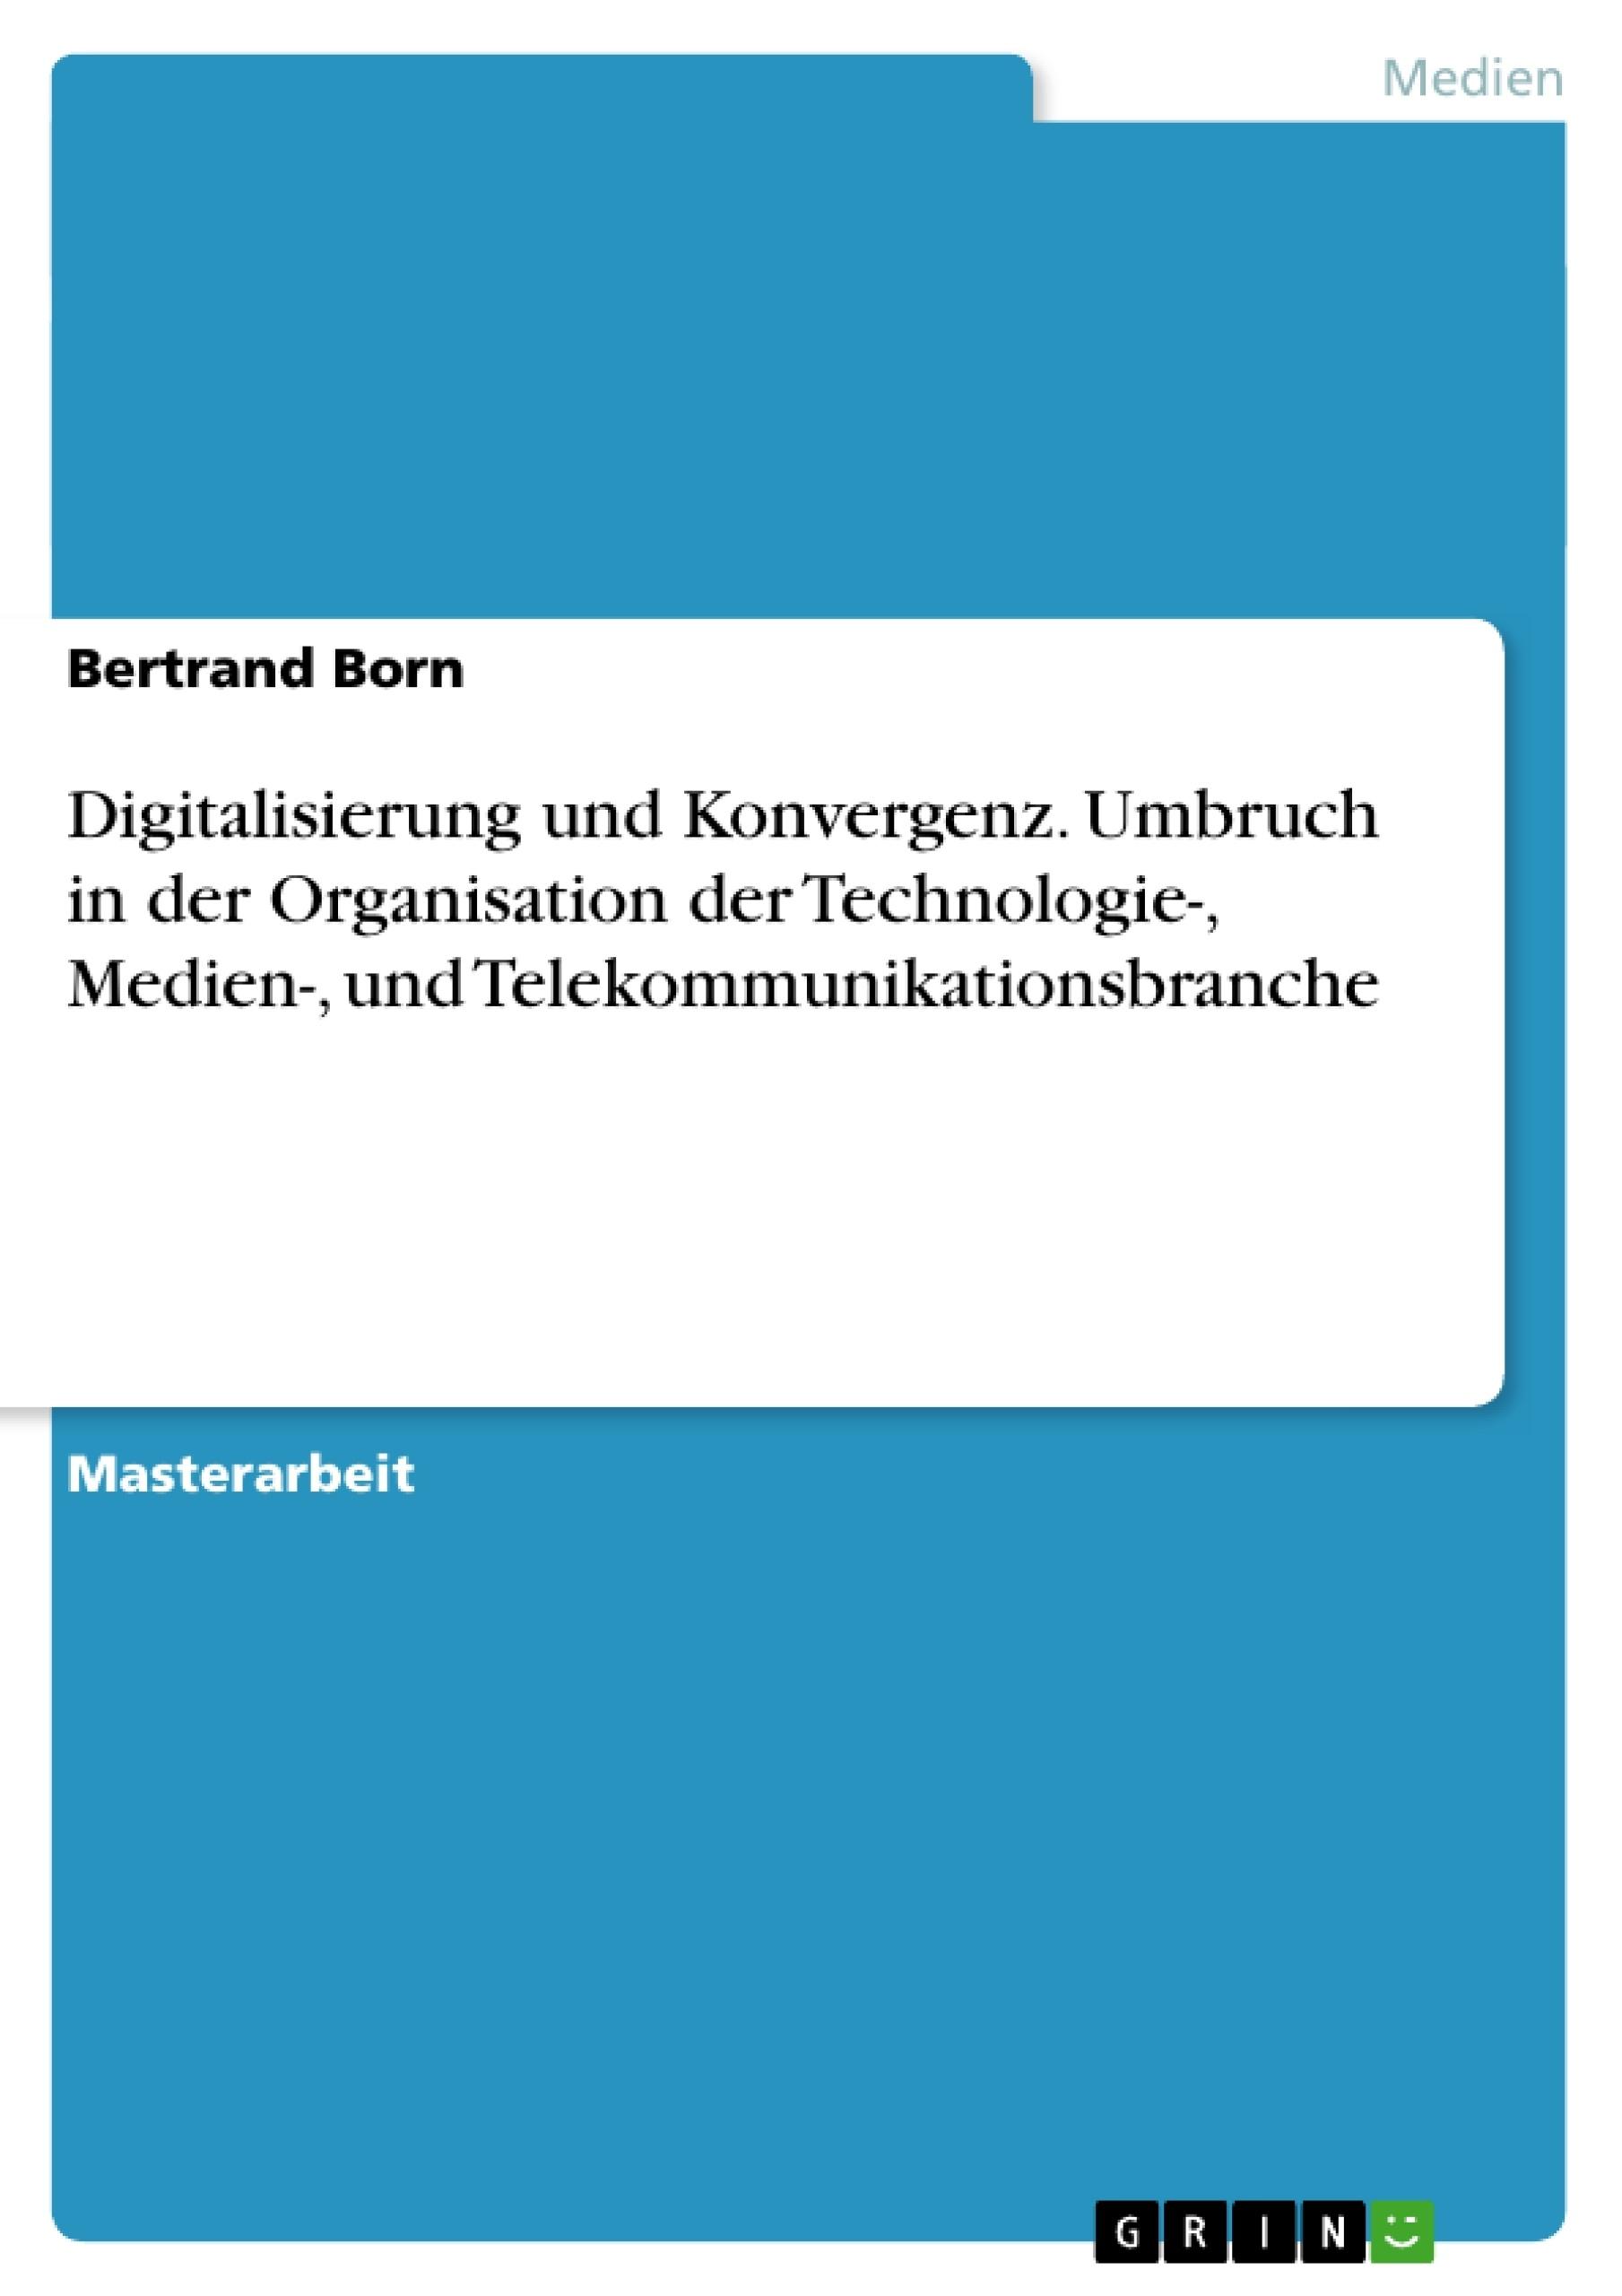 Titel: Digitalisierung und Konvergenz. Umbruch in der Organisation der Technologie-, Medien-, und Telekommunikationsbranche